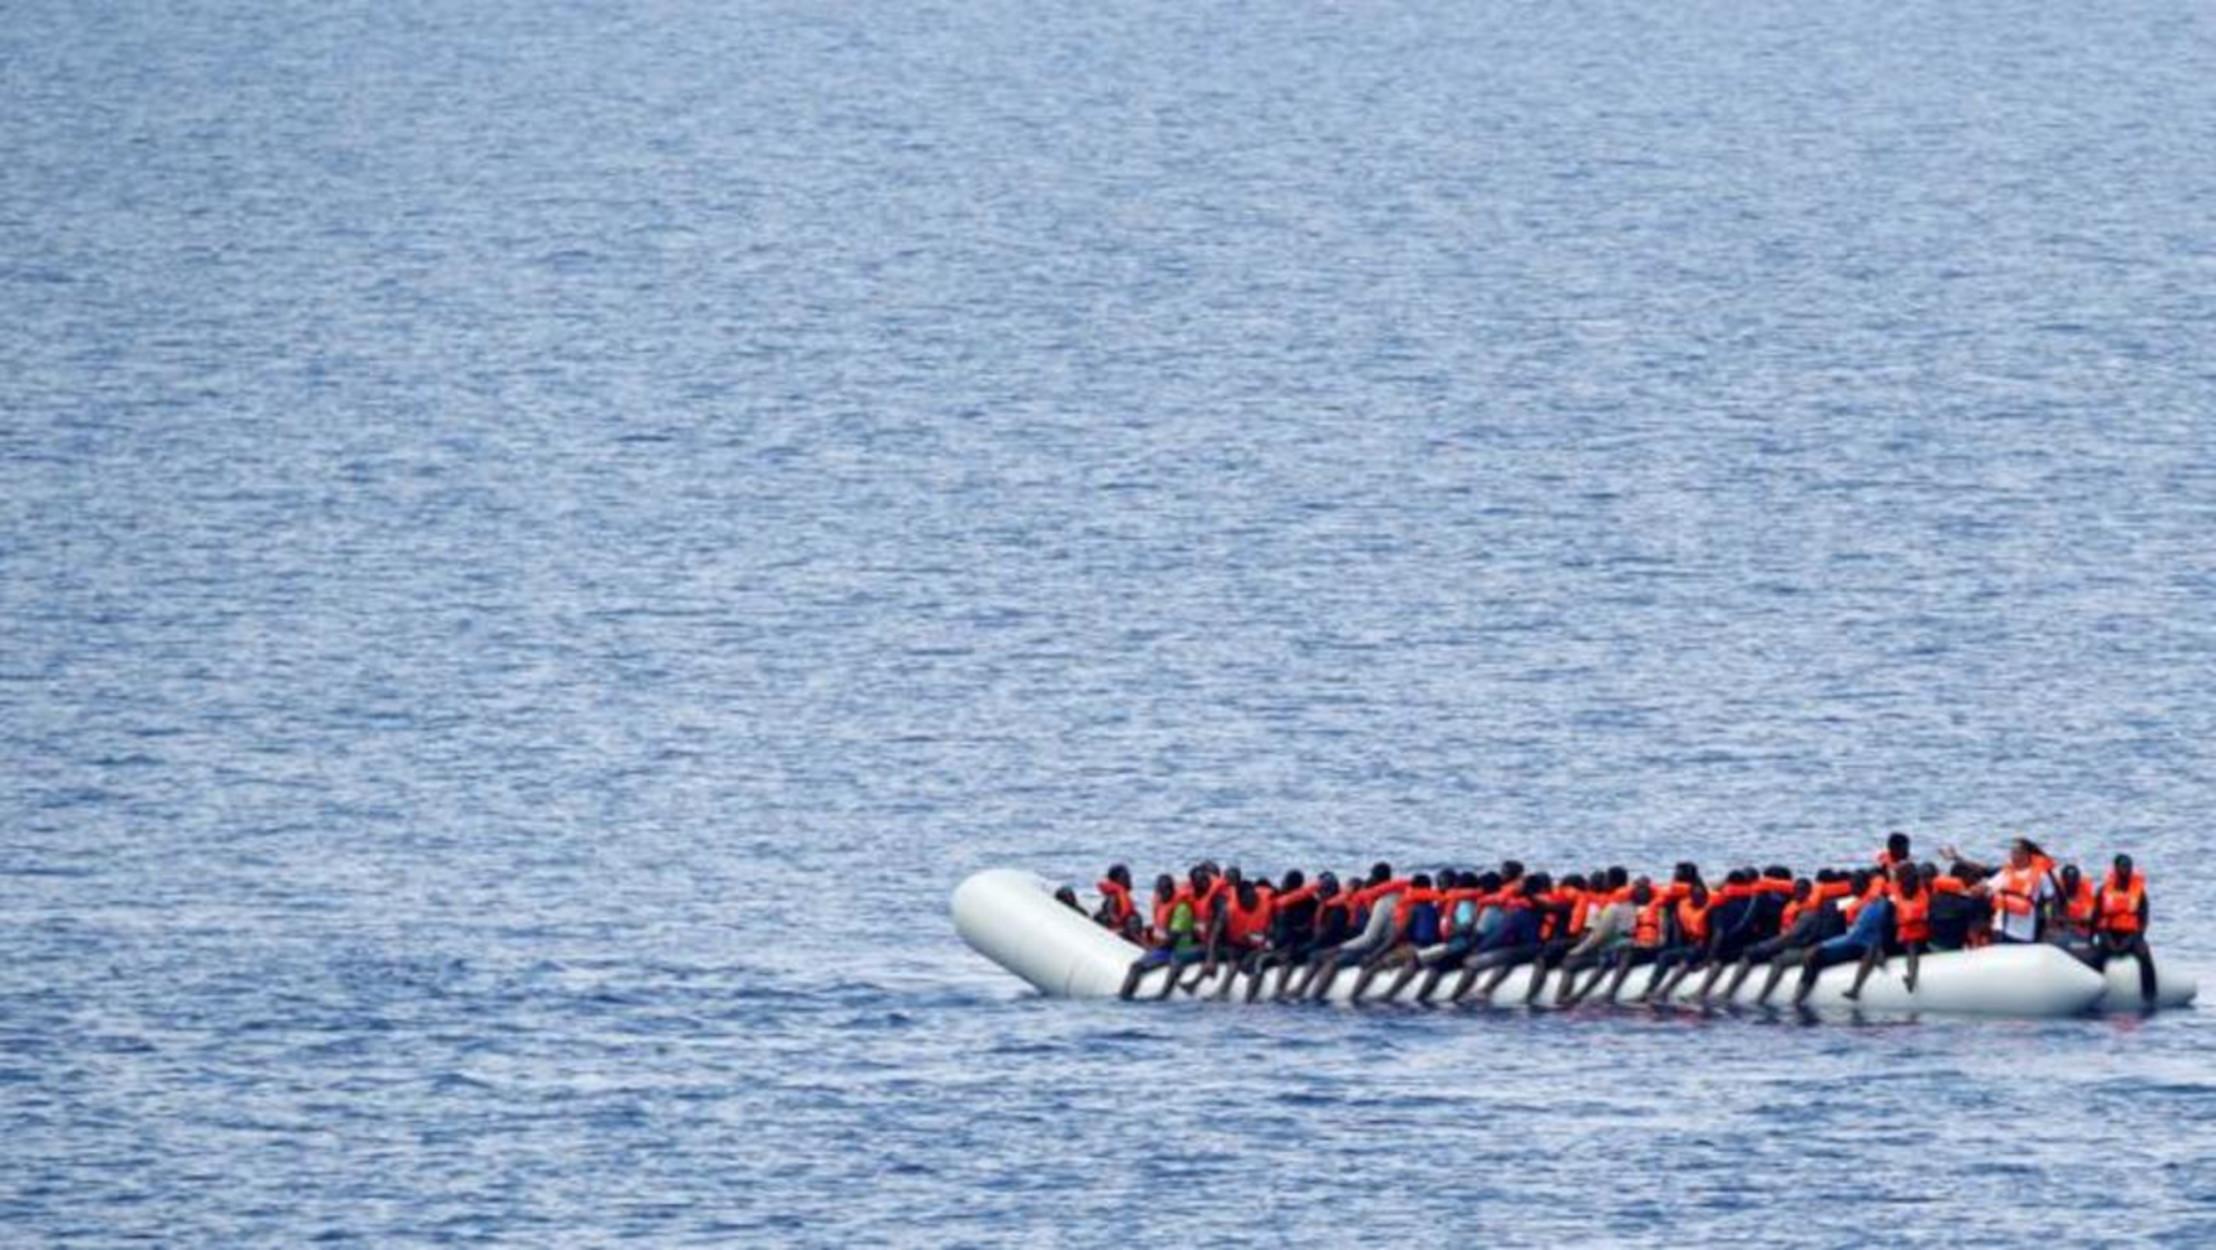 Διάσωση 160 μεταναστών στην Μεσόγειο – Αγνοούνται 110